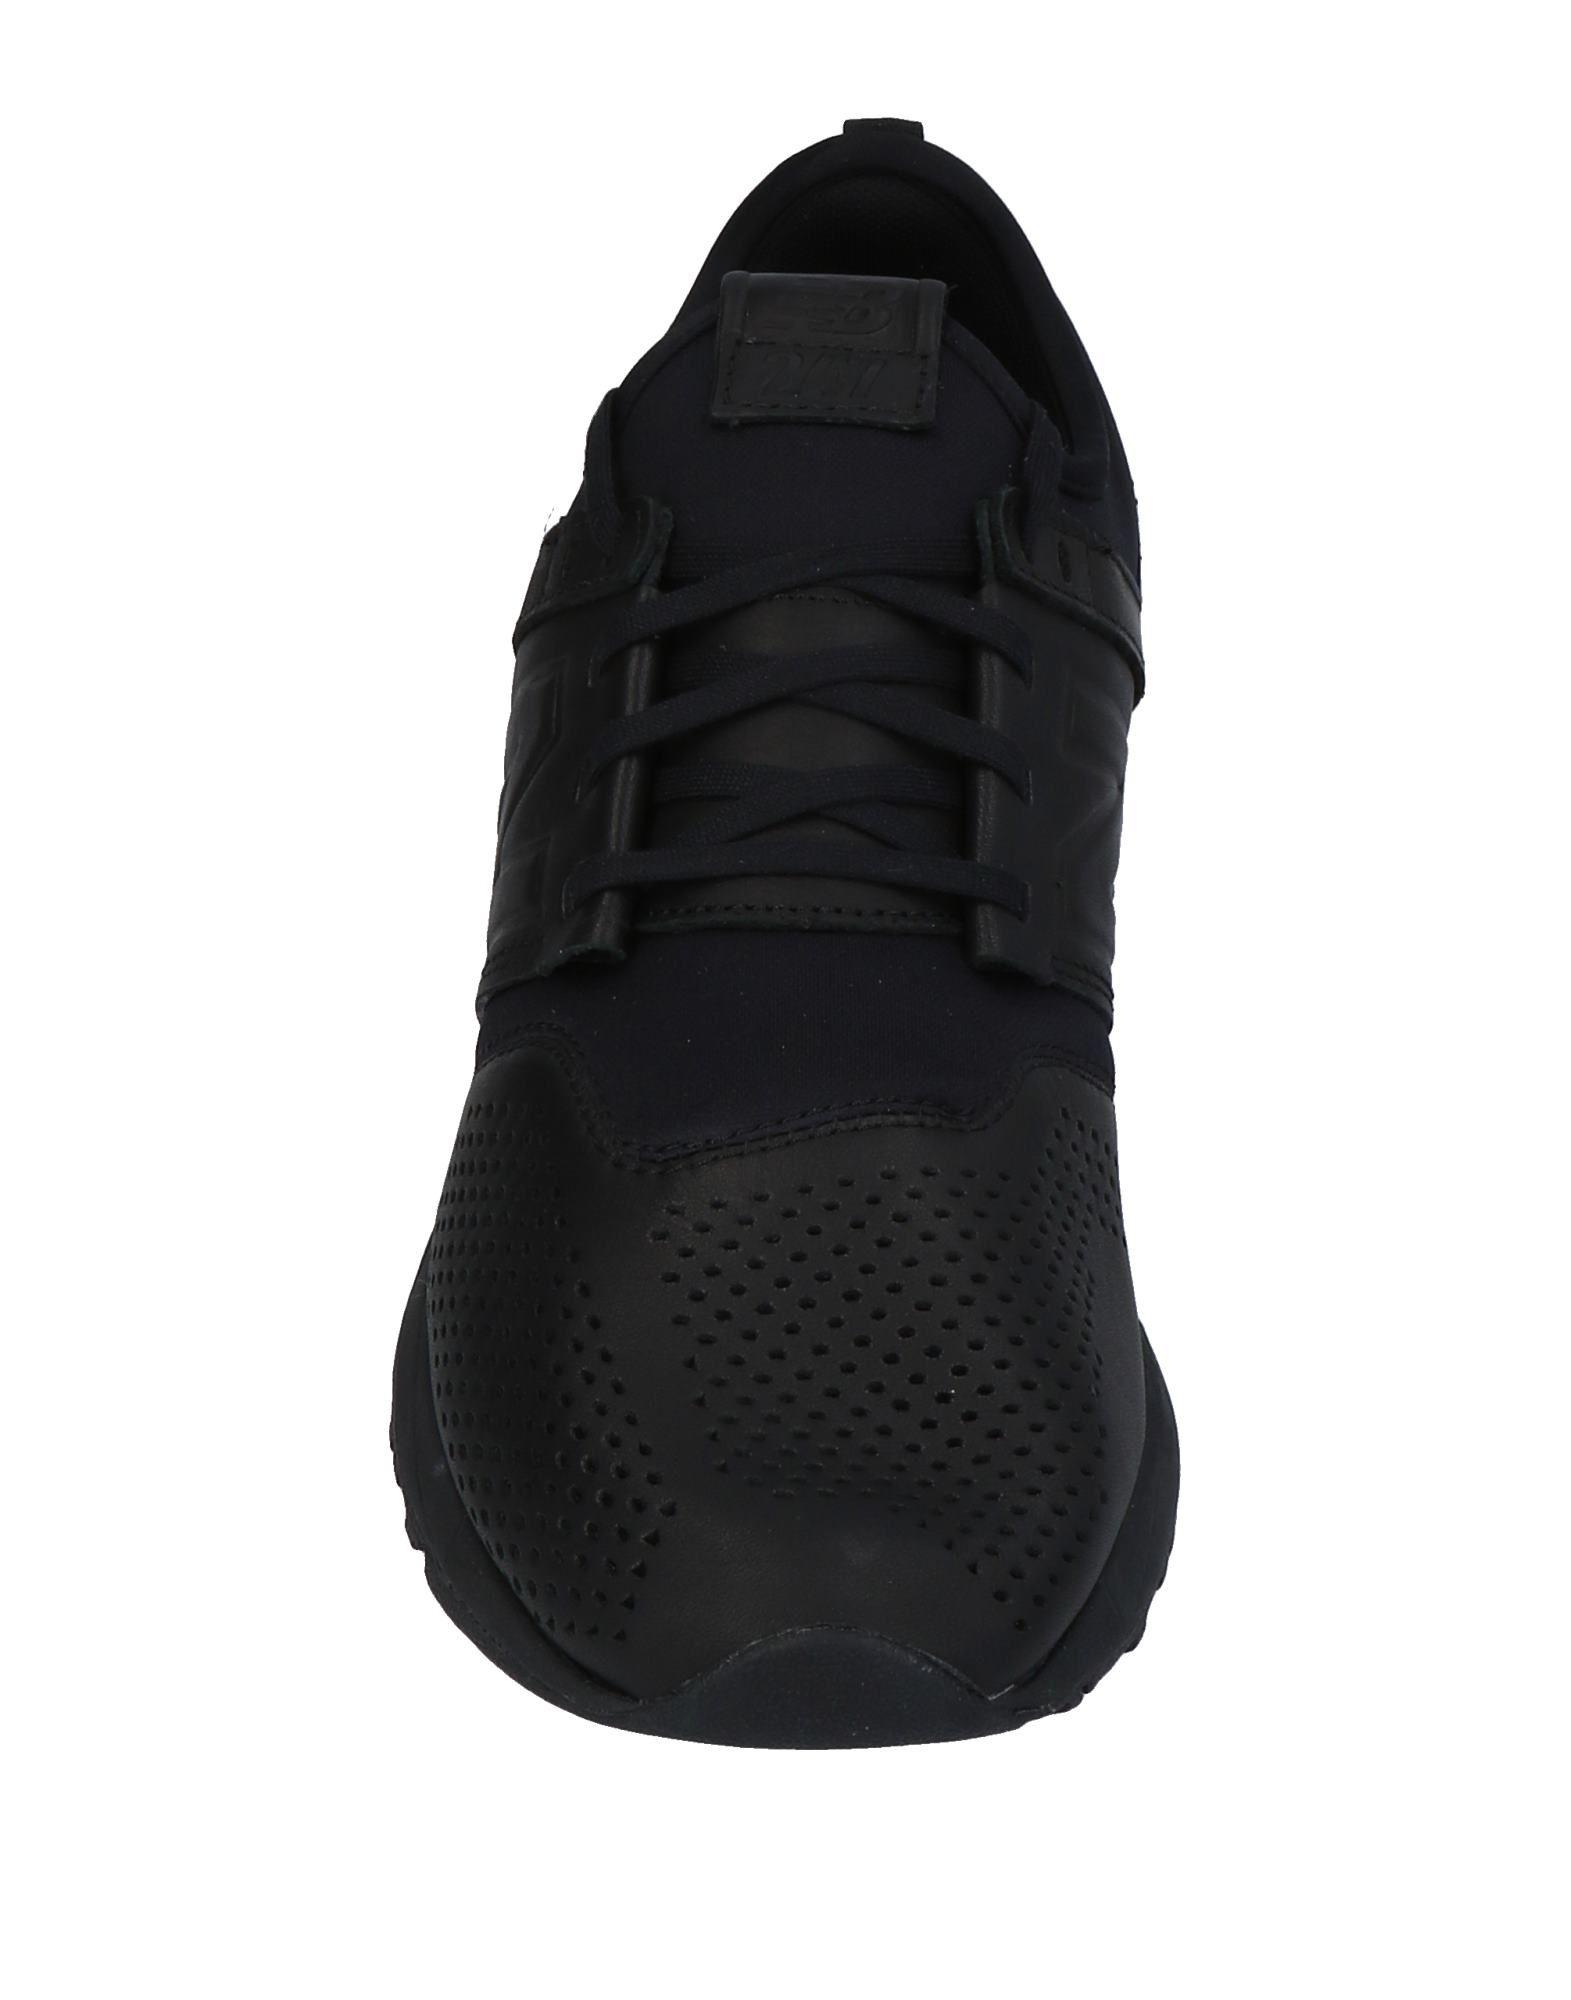 Rabatt echte Herren Schuhe New Balance Sneakers Herren echte  11453056BO 56f1b0